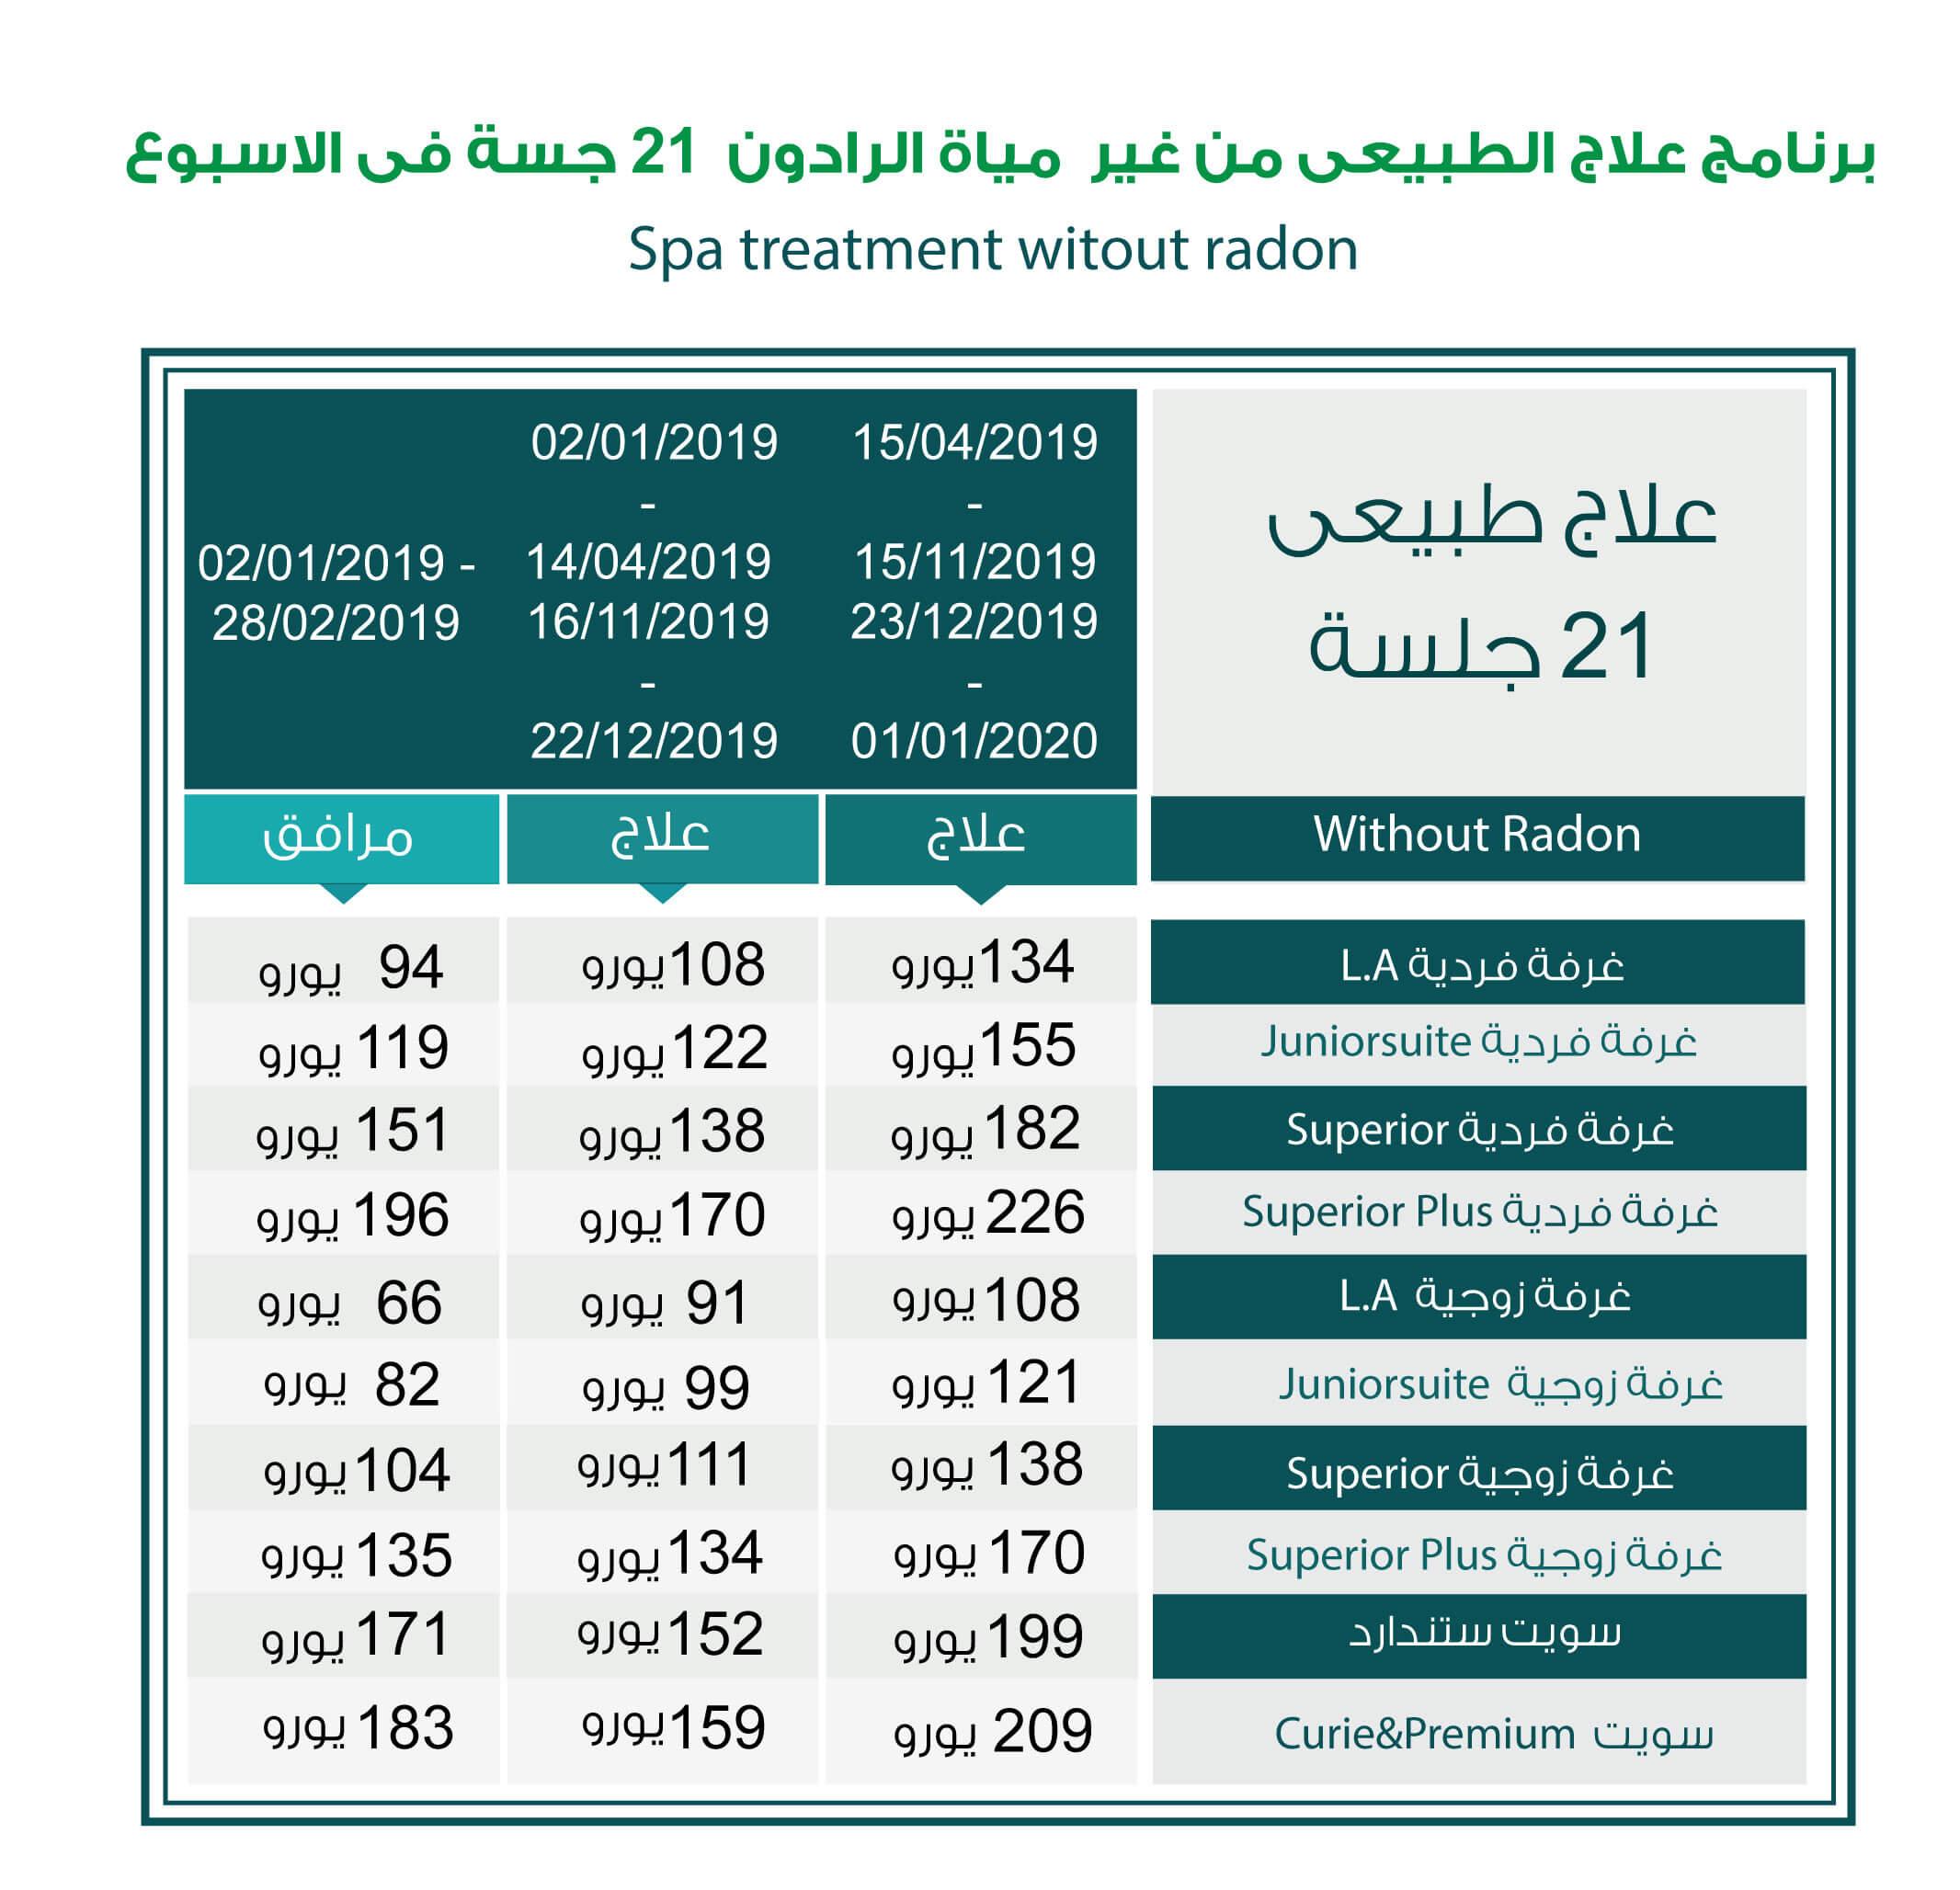 1 - اسعار مصحات ياخيموف